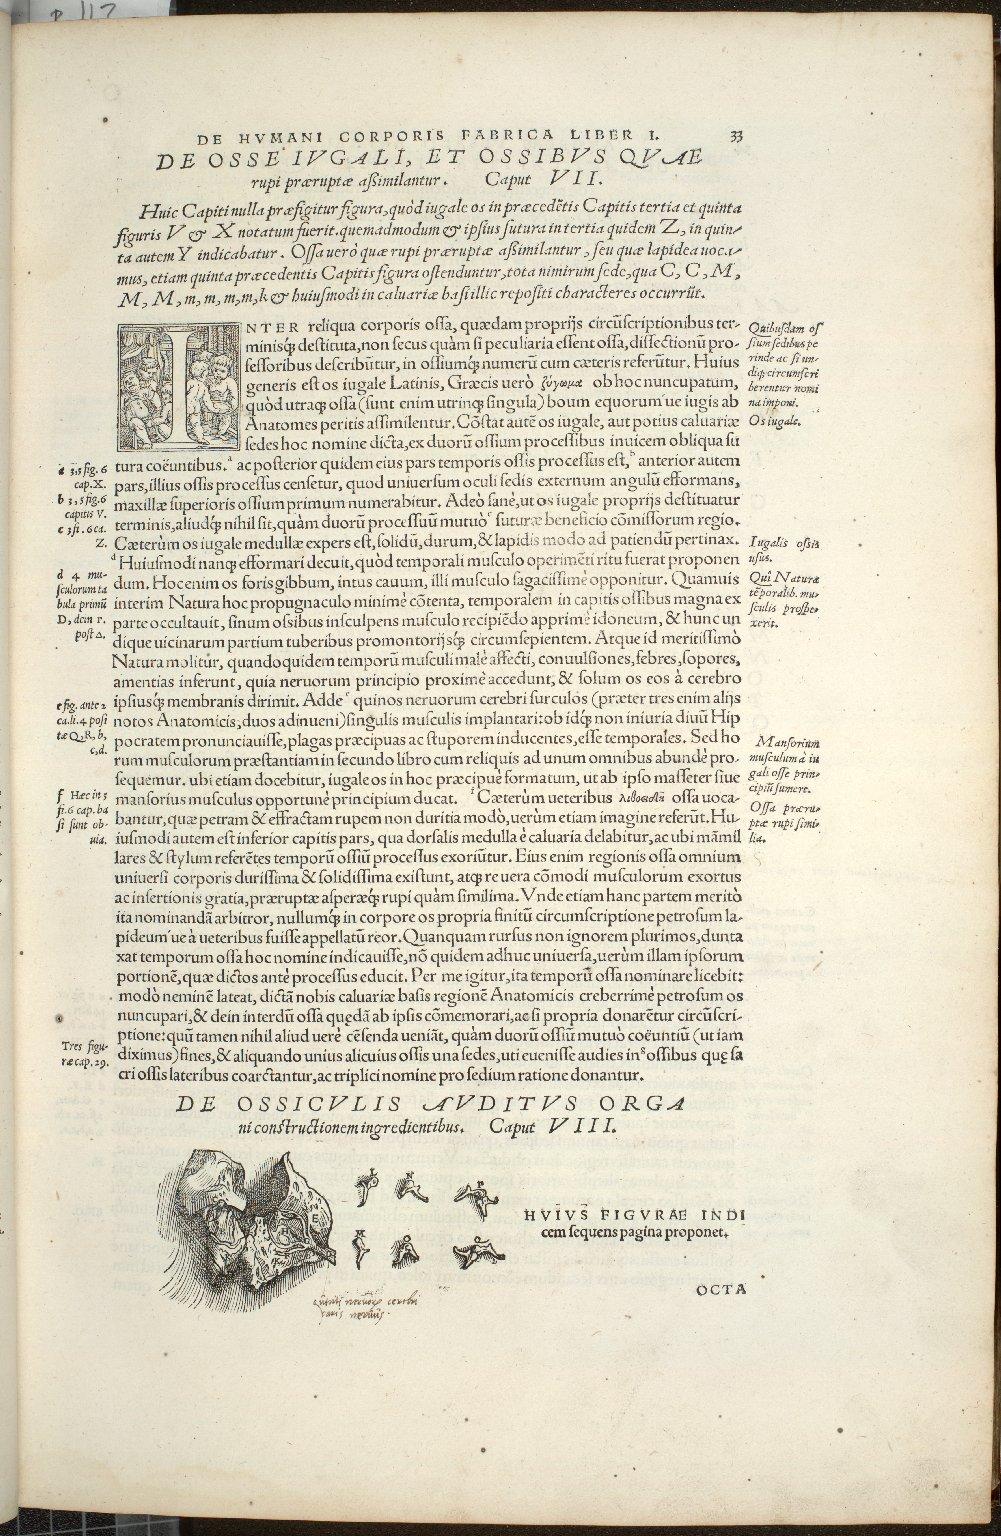 De Ossiculis Auditus Organi constructionem ingredienetibus. Caput VIII.